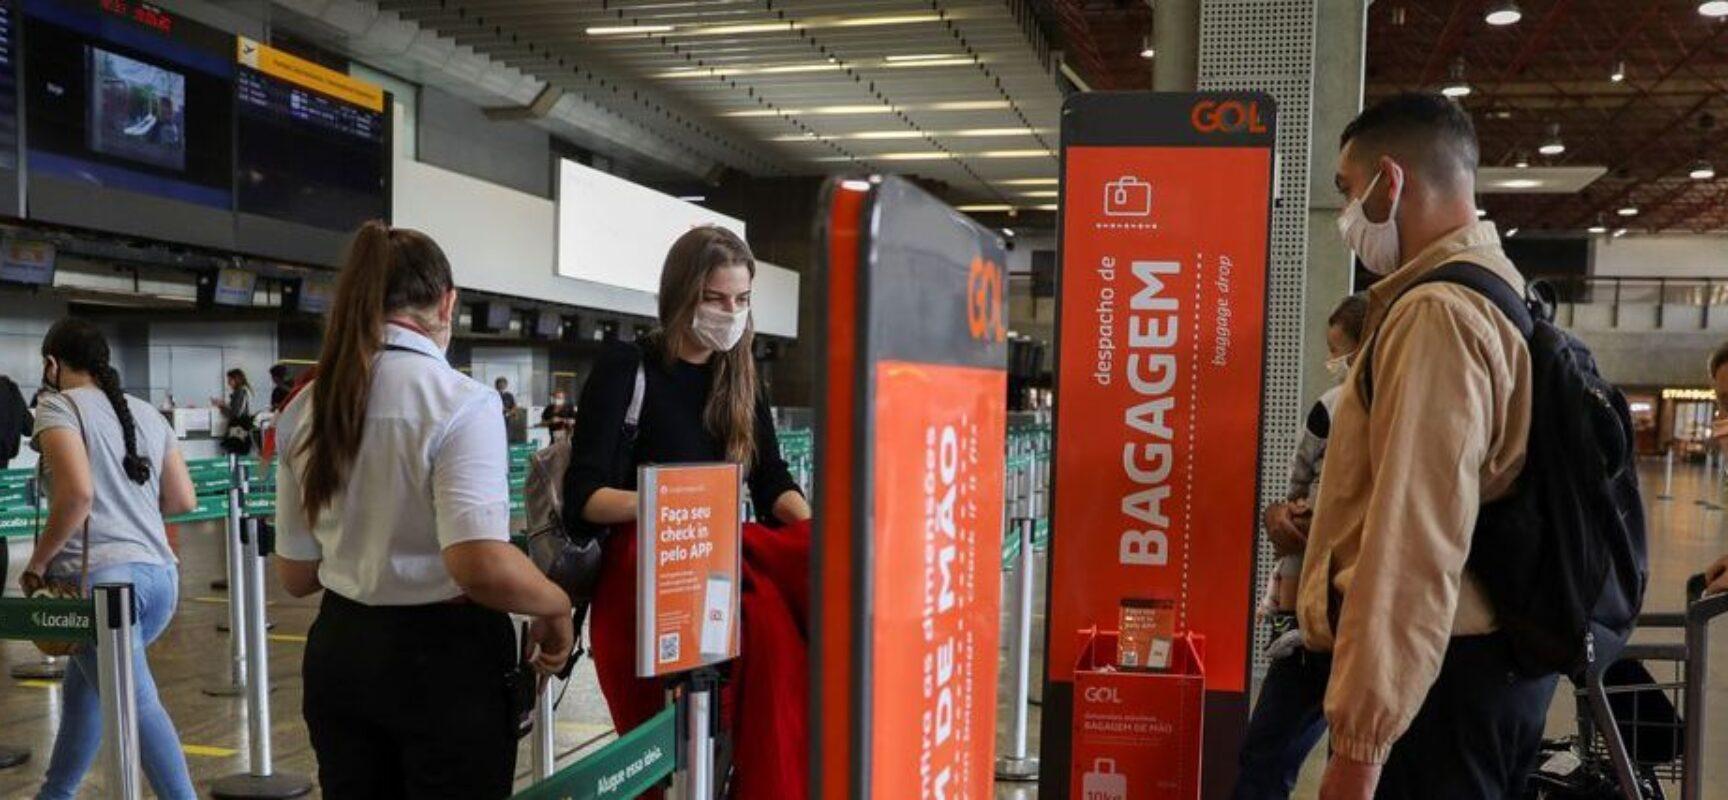 MPF quer exigência de teste de Covid-19 para passageiros de voos nacionais